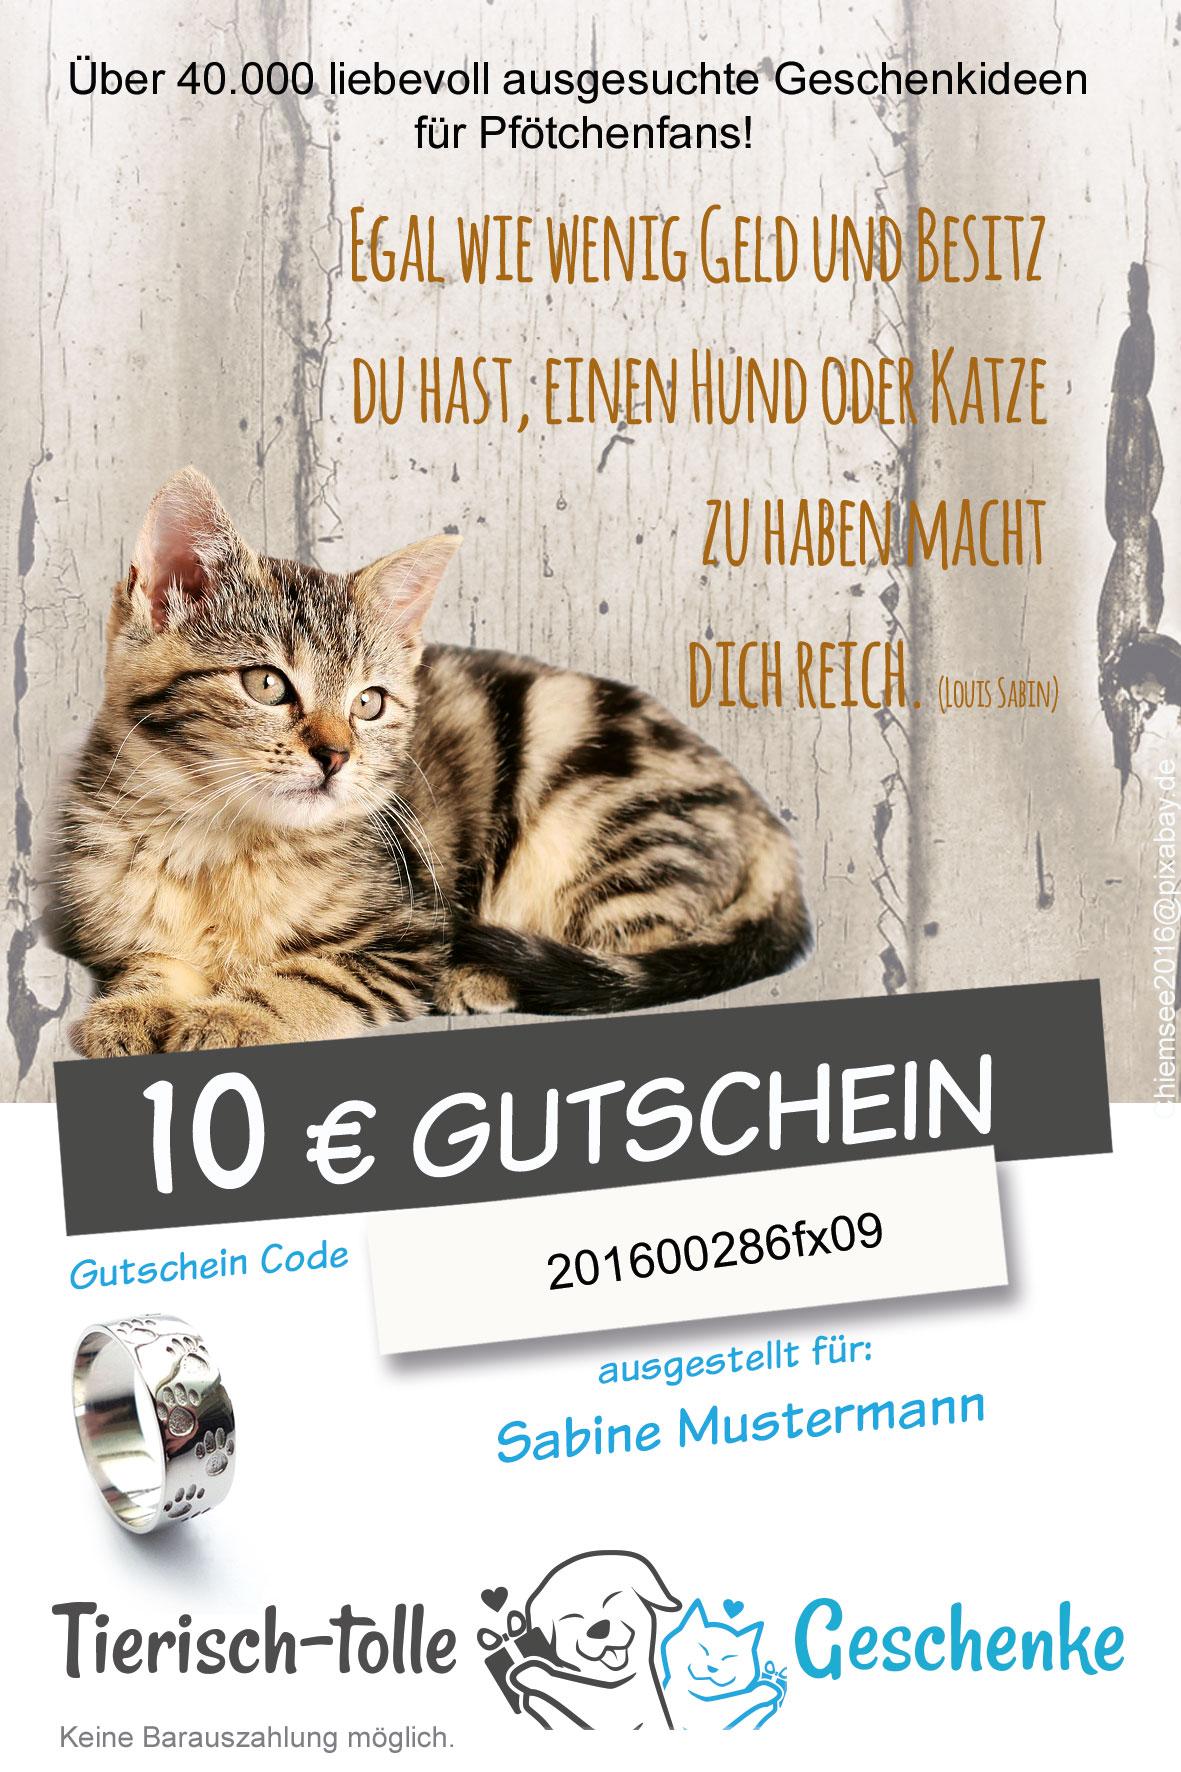 geschenk gutschein f r pf tchenfans katzenmotiv tierisch tolle geschenke. Black Bedroom Furniture Sets. Home Design Ideas